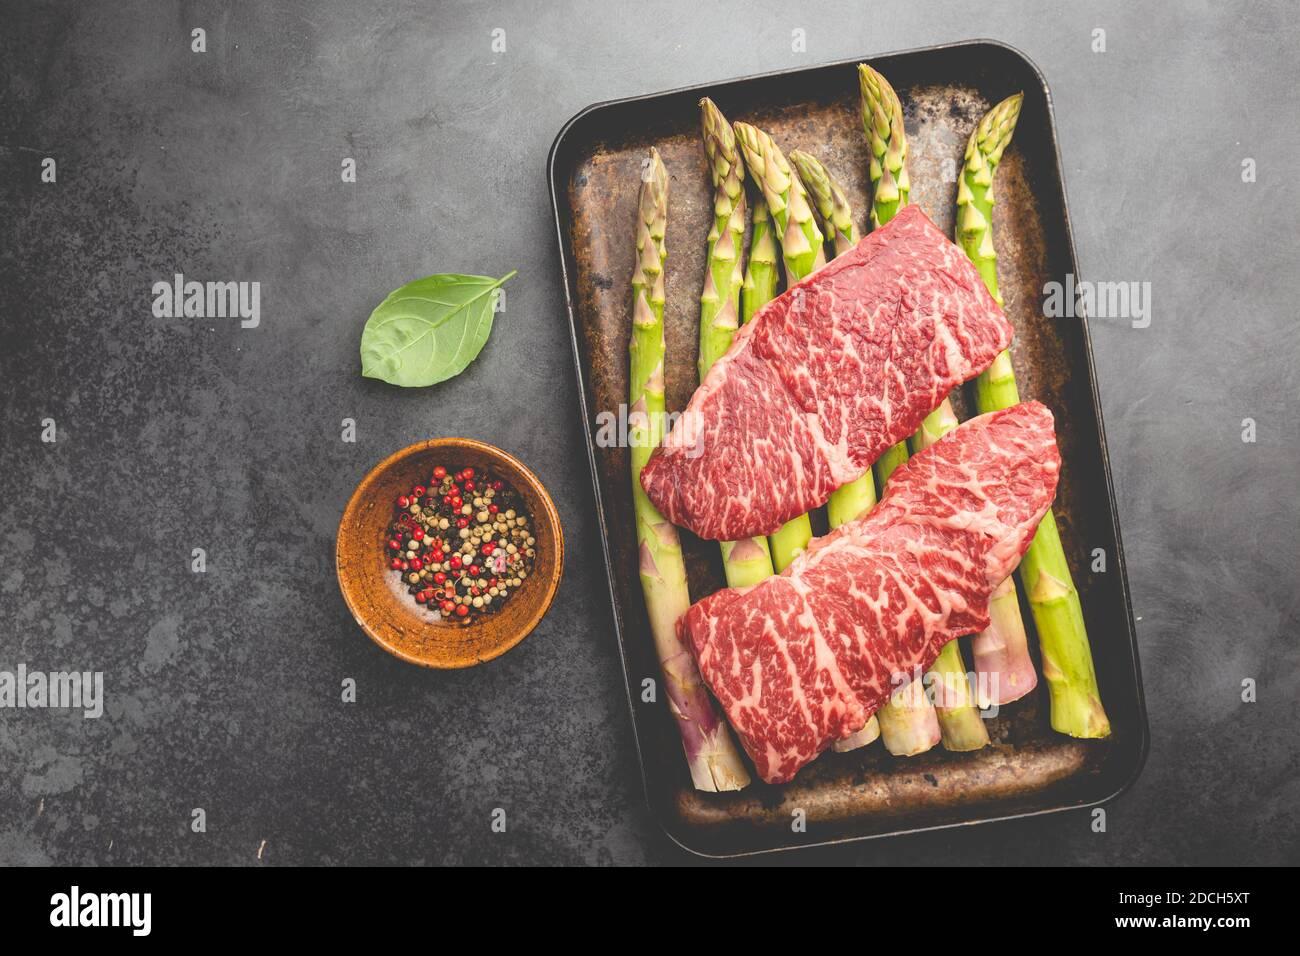 Filete crudo con espárragos verdes en bandeja sobre fondo negro, vista superior Foto de stock